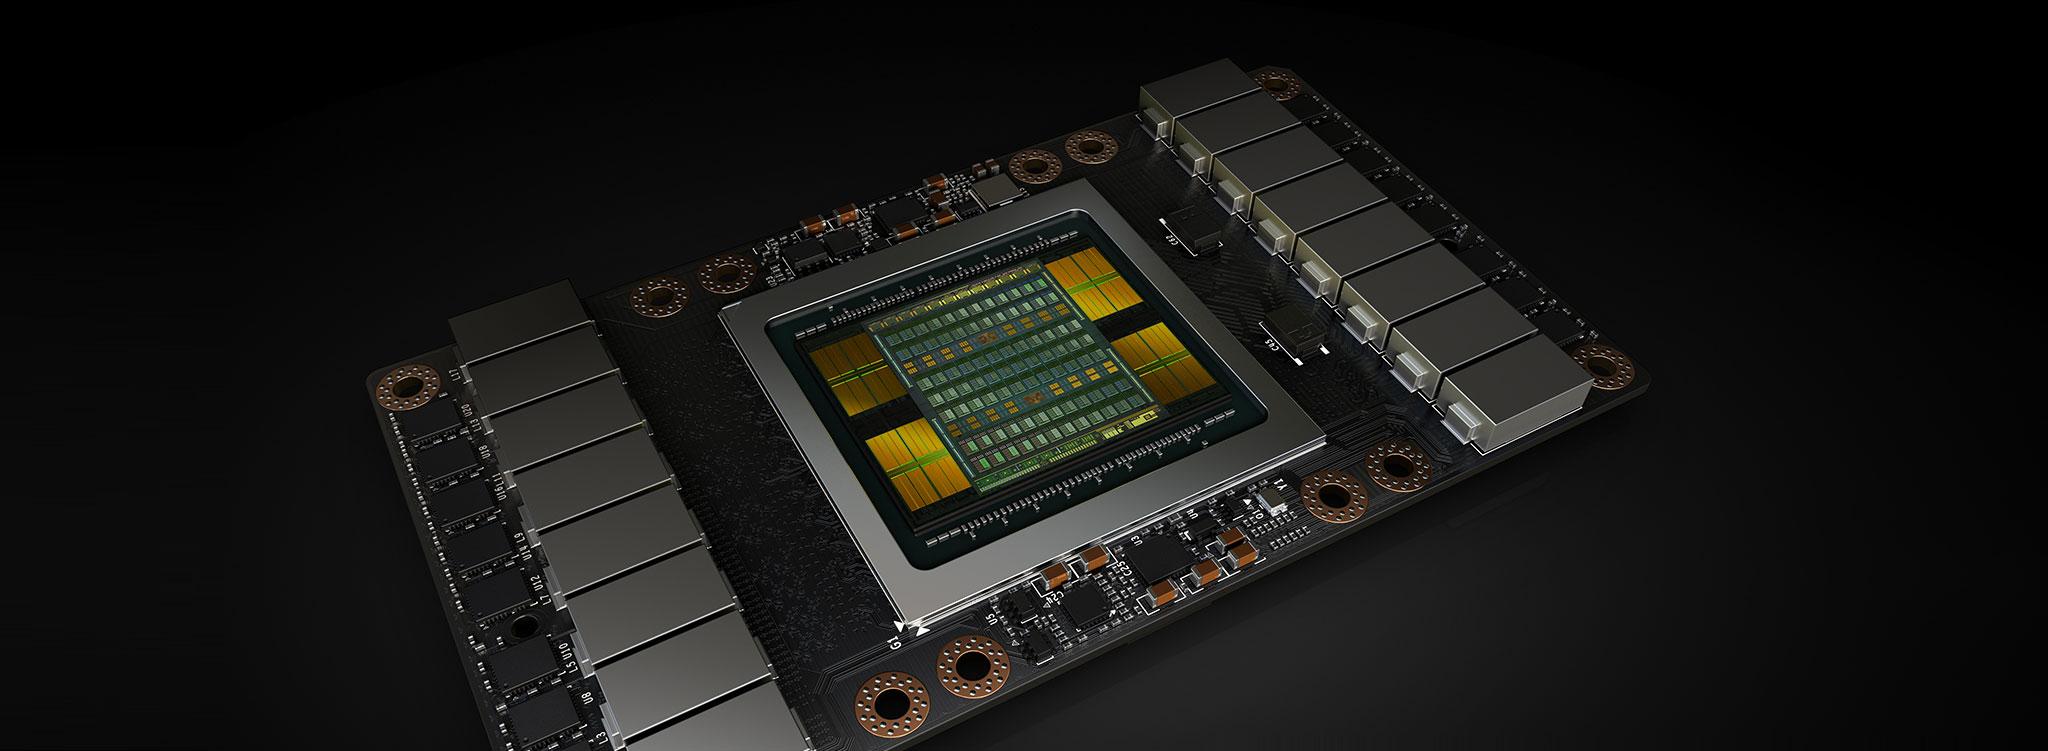 唯快不破 - NVIDIA Volta 架构产品神州巡展--广州站